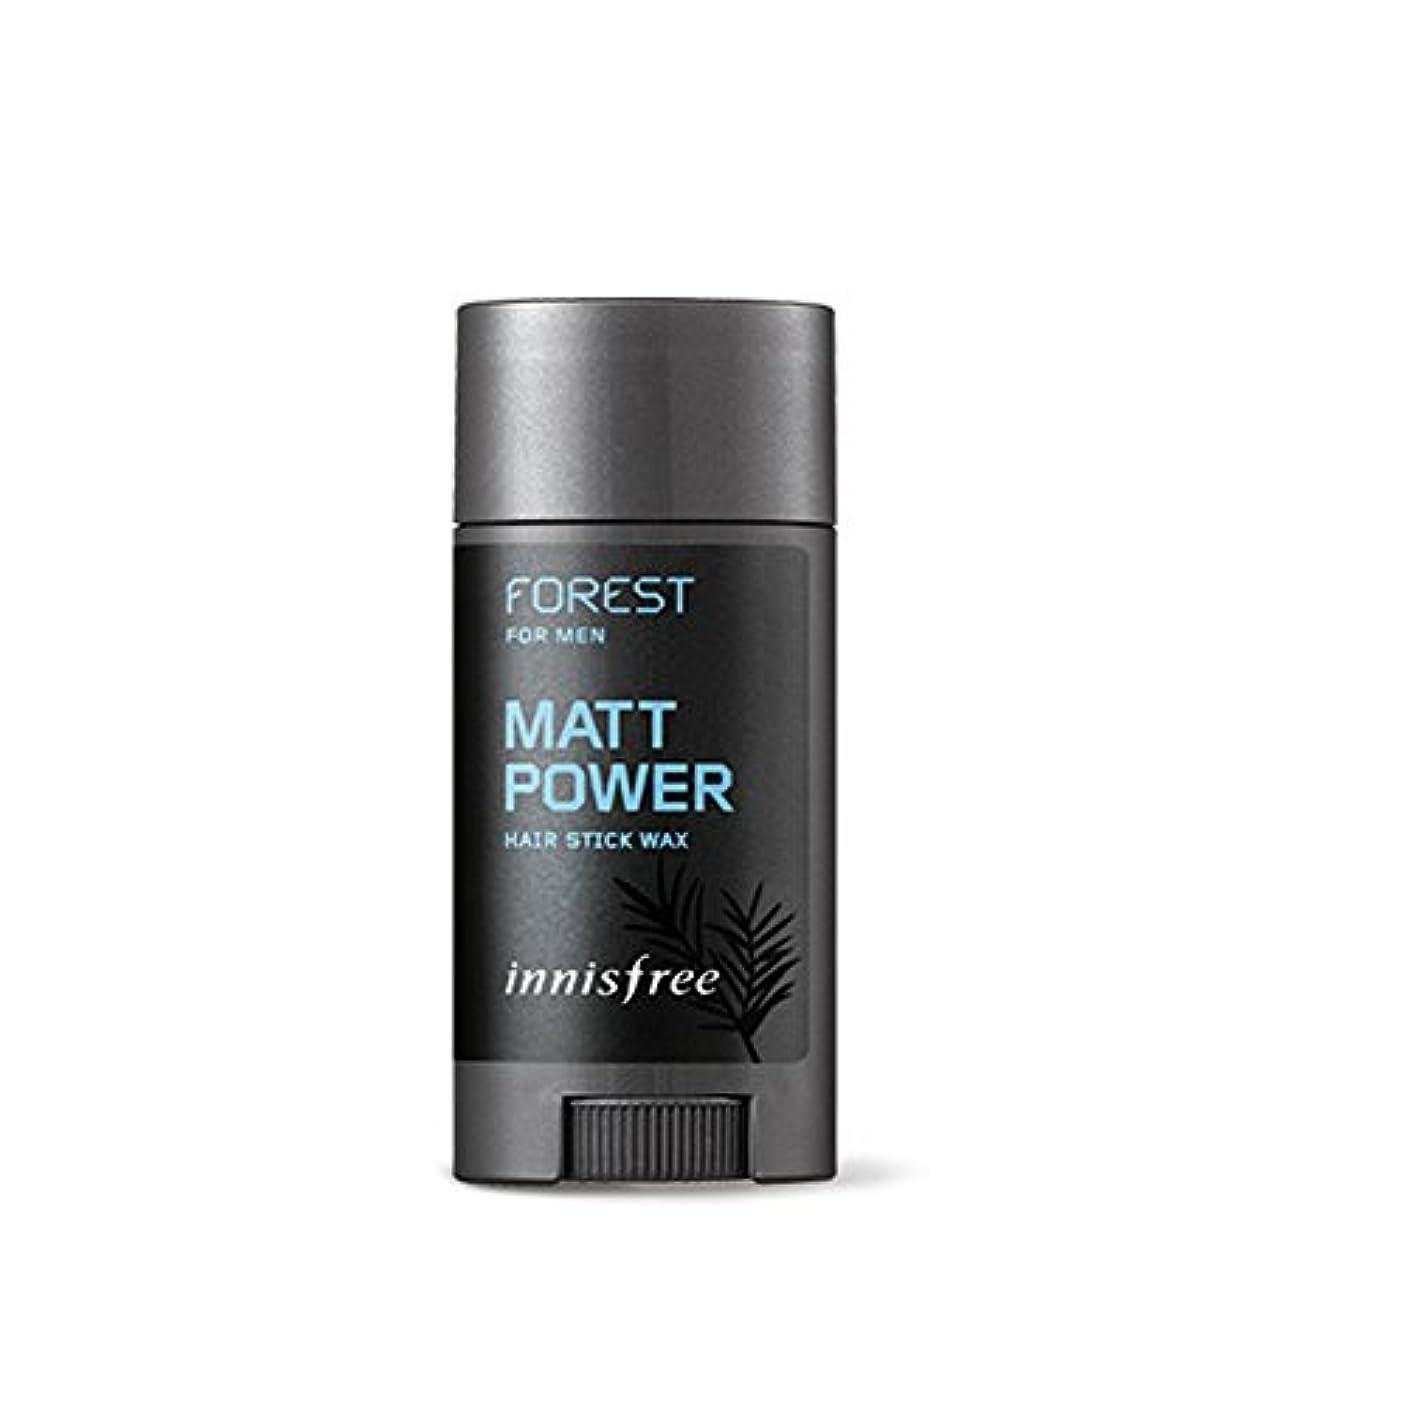 アコー批判的に無視イニスフリーフォレストメンズヘアスティックワックス、マットパワー15g / Innisfree Forest for Men Hair Stick Wax, Matt Power 15g [並行輸入品][海外直送品]